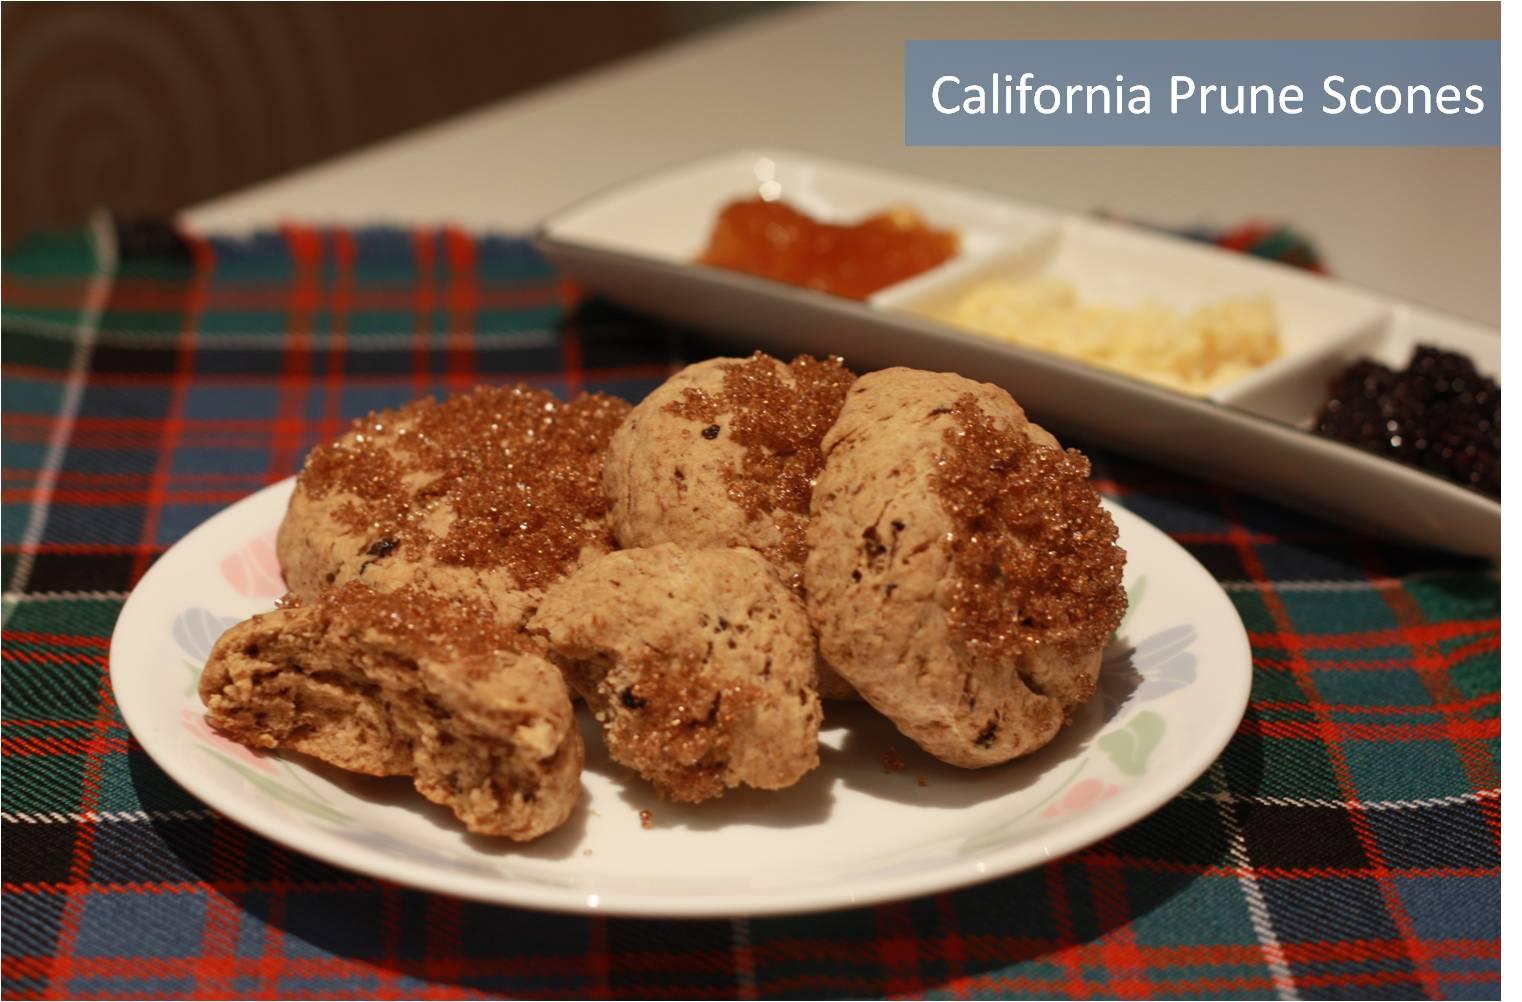 California Prune Scones